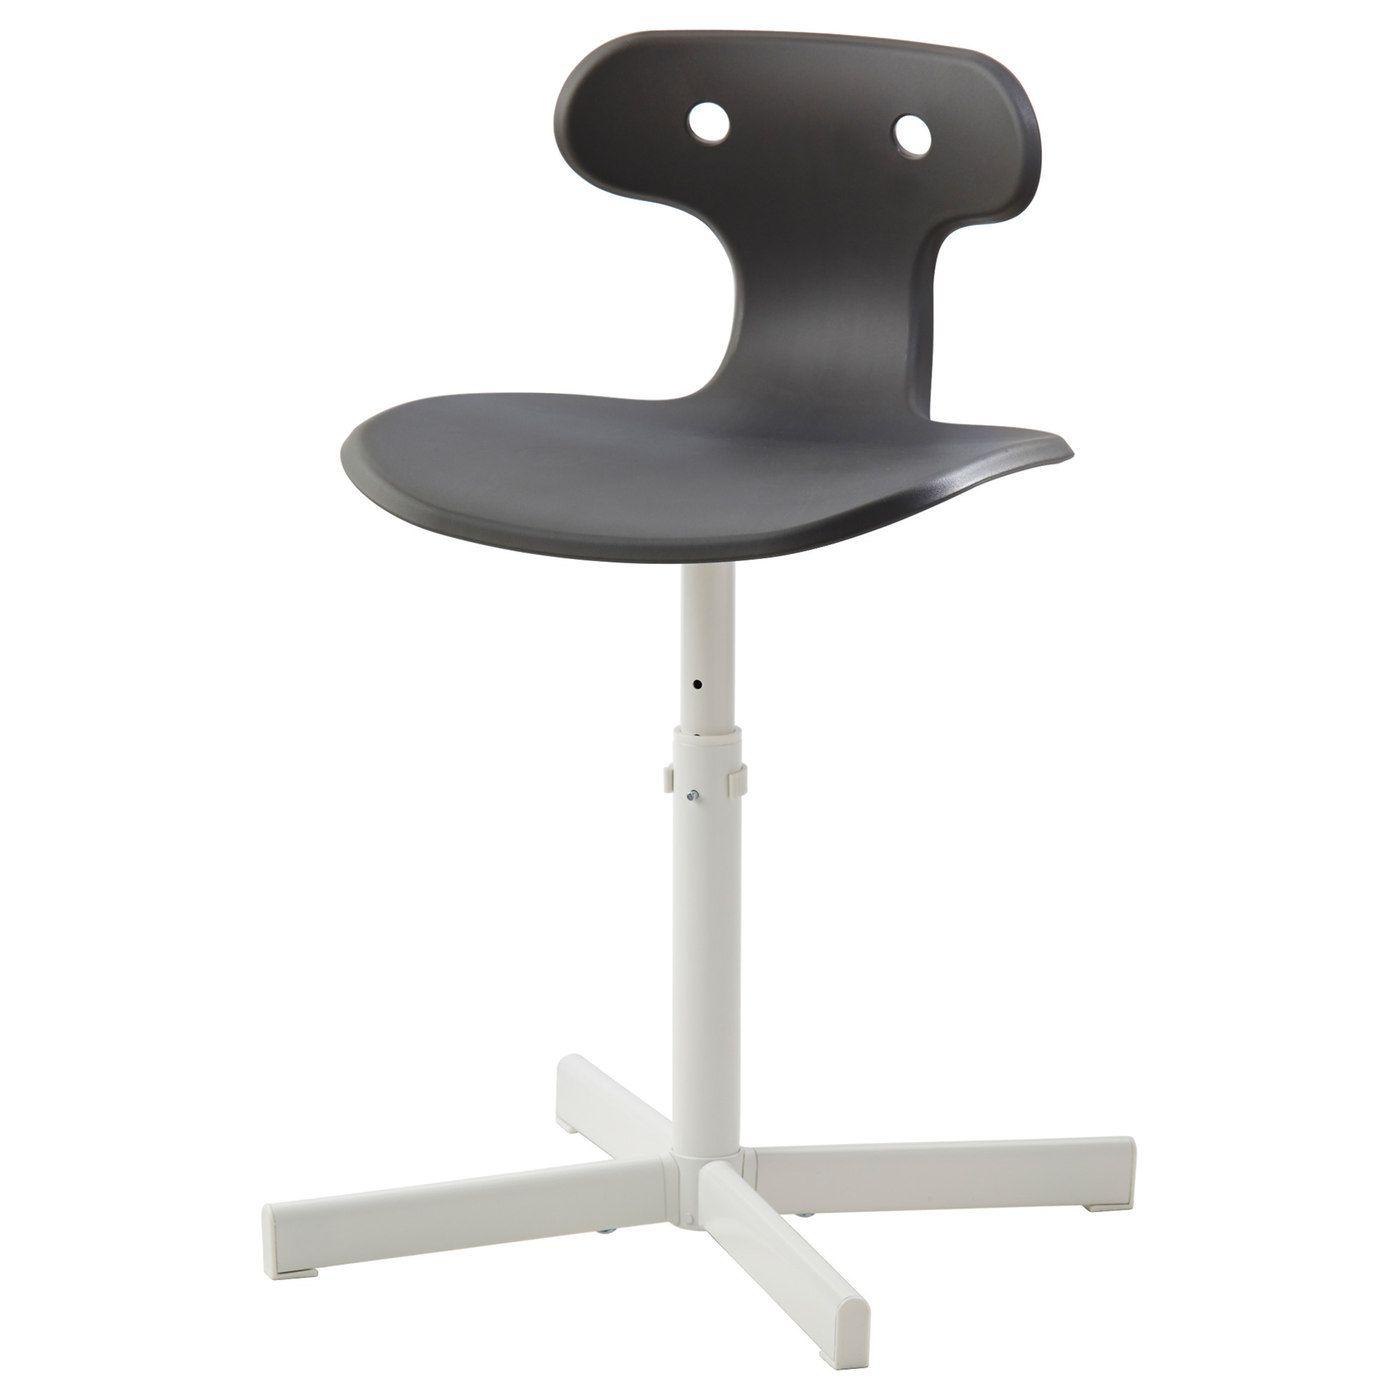 Stuhl Schlafzimmer Ikea: Schreibtischstuhl MOLTE Grau